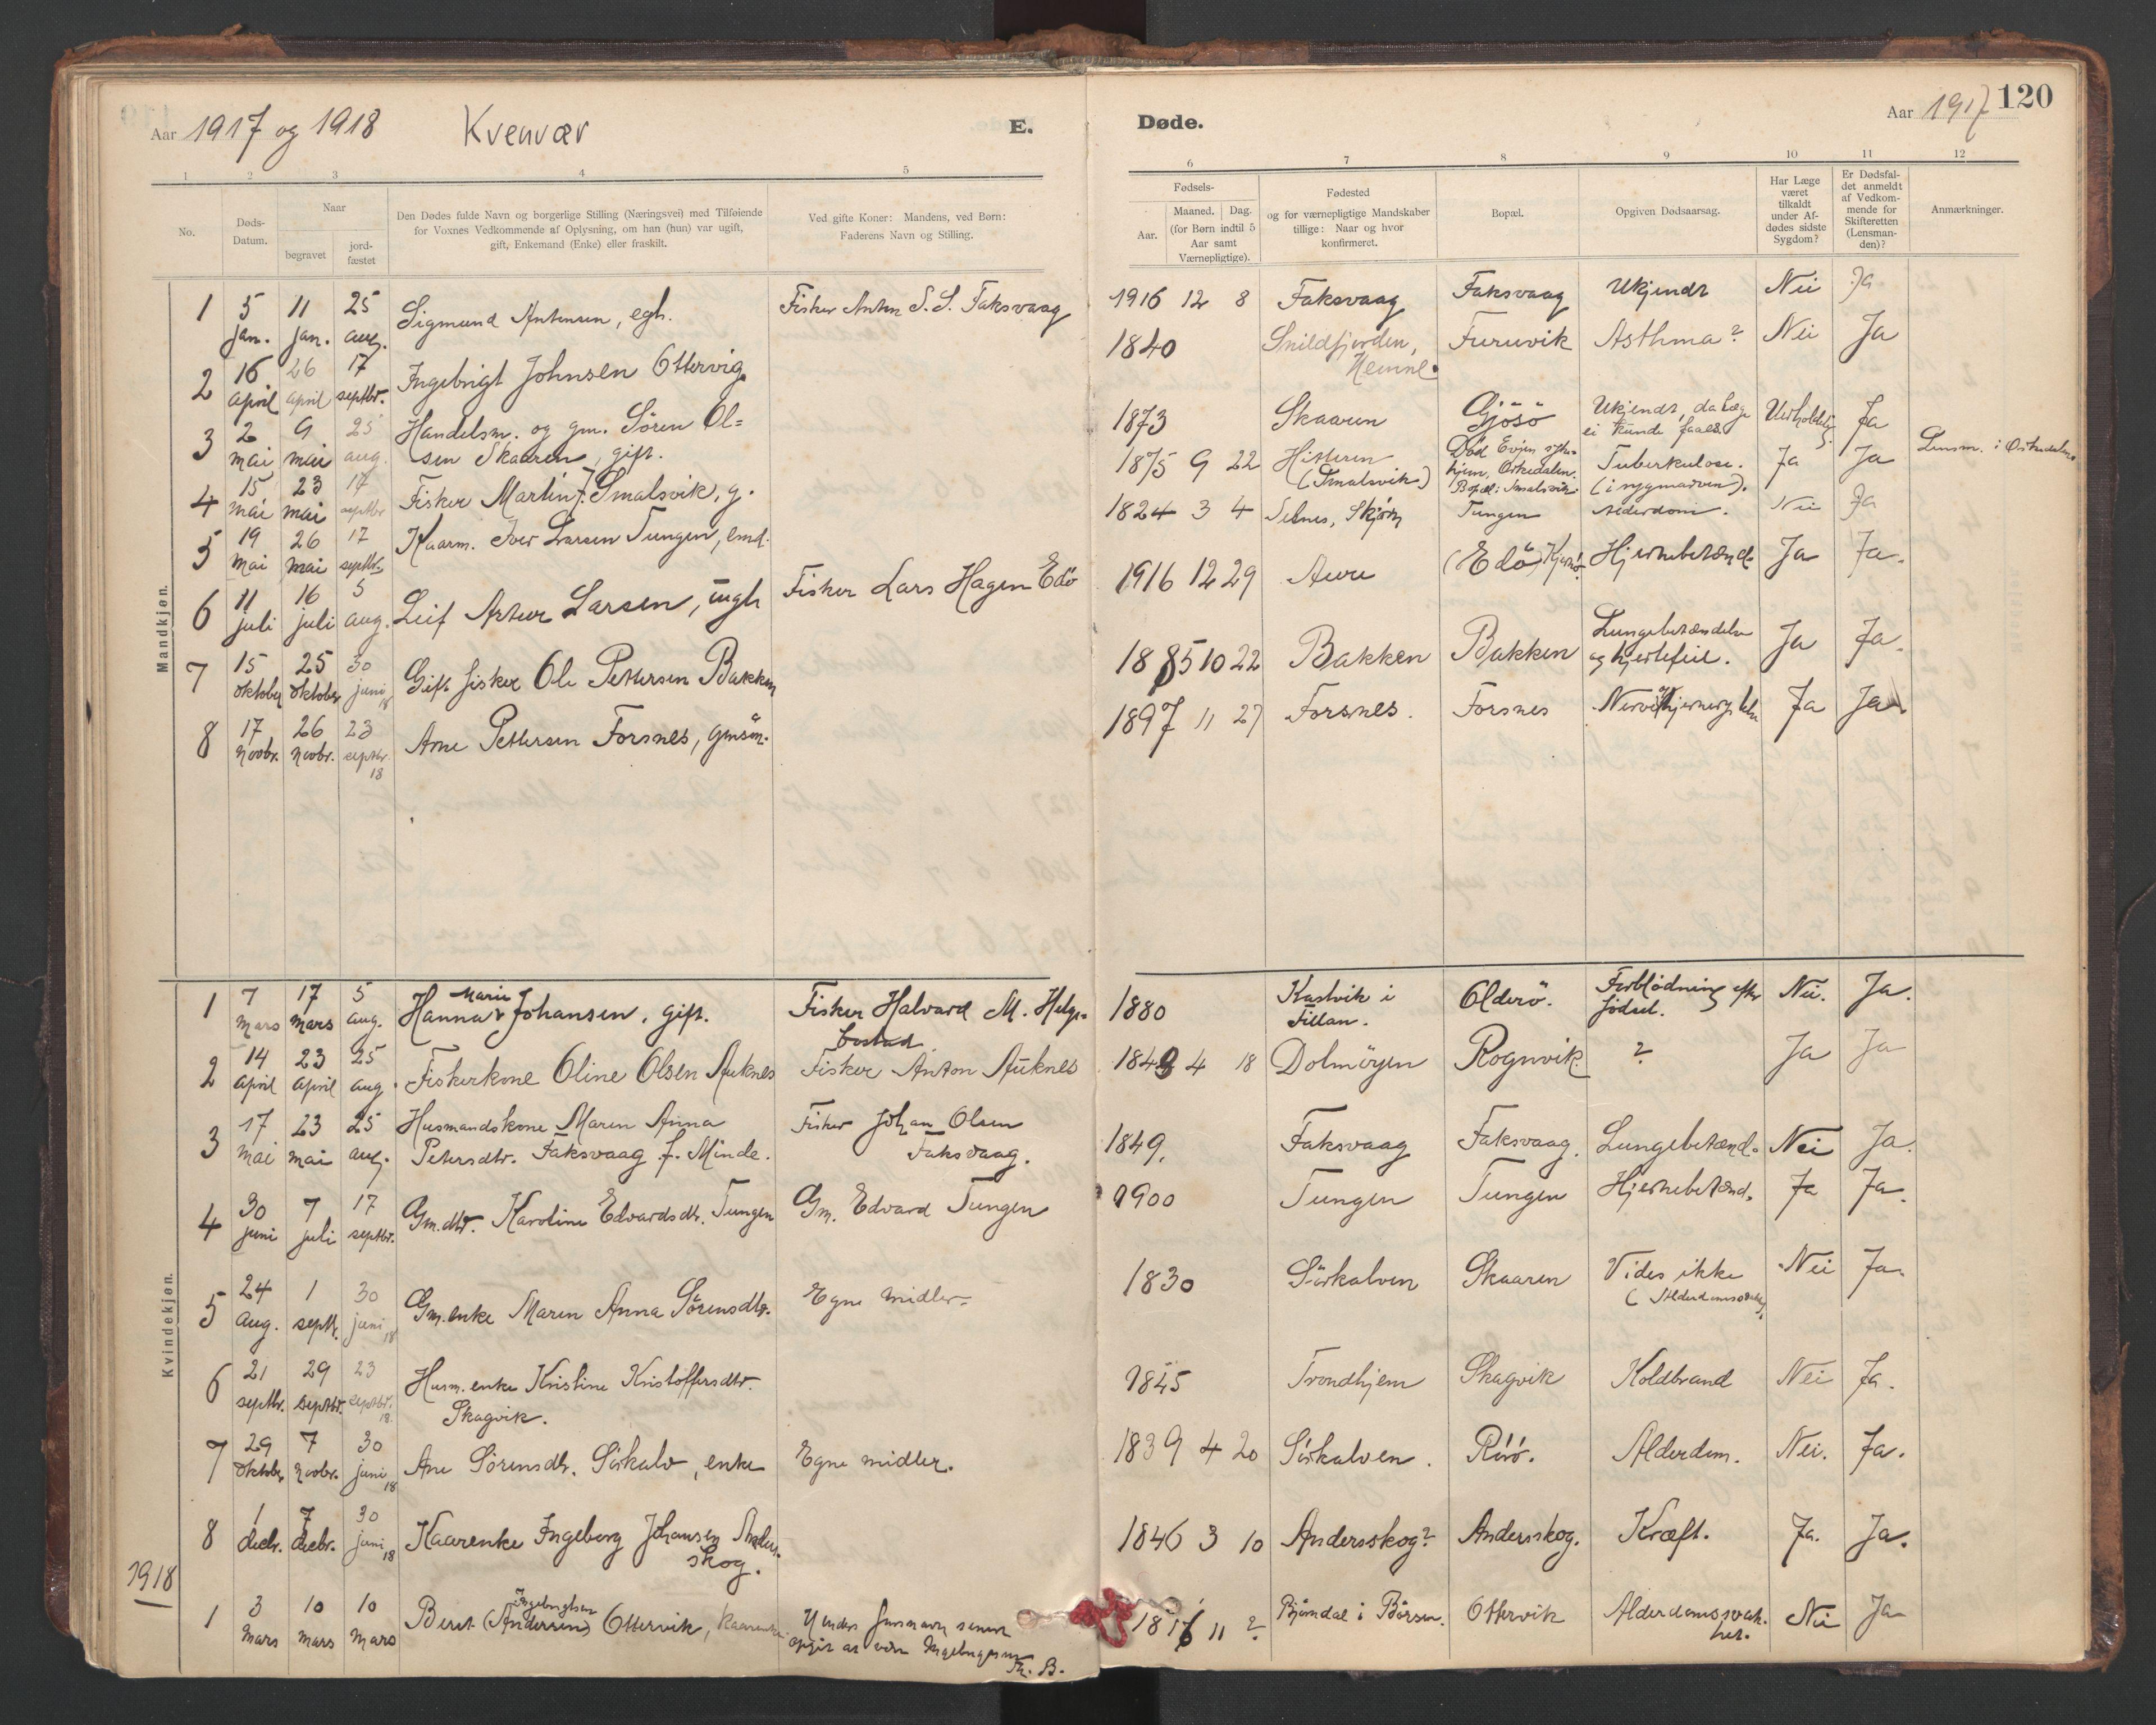 SAT, Ministerialprotokoller, klokkerbøker og fødselsregistre - Sør-Trøndelag, 635/L0552: Ministerialbok nr. 635A02, 1899-1919, s. 120